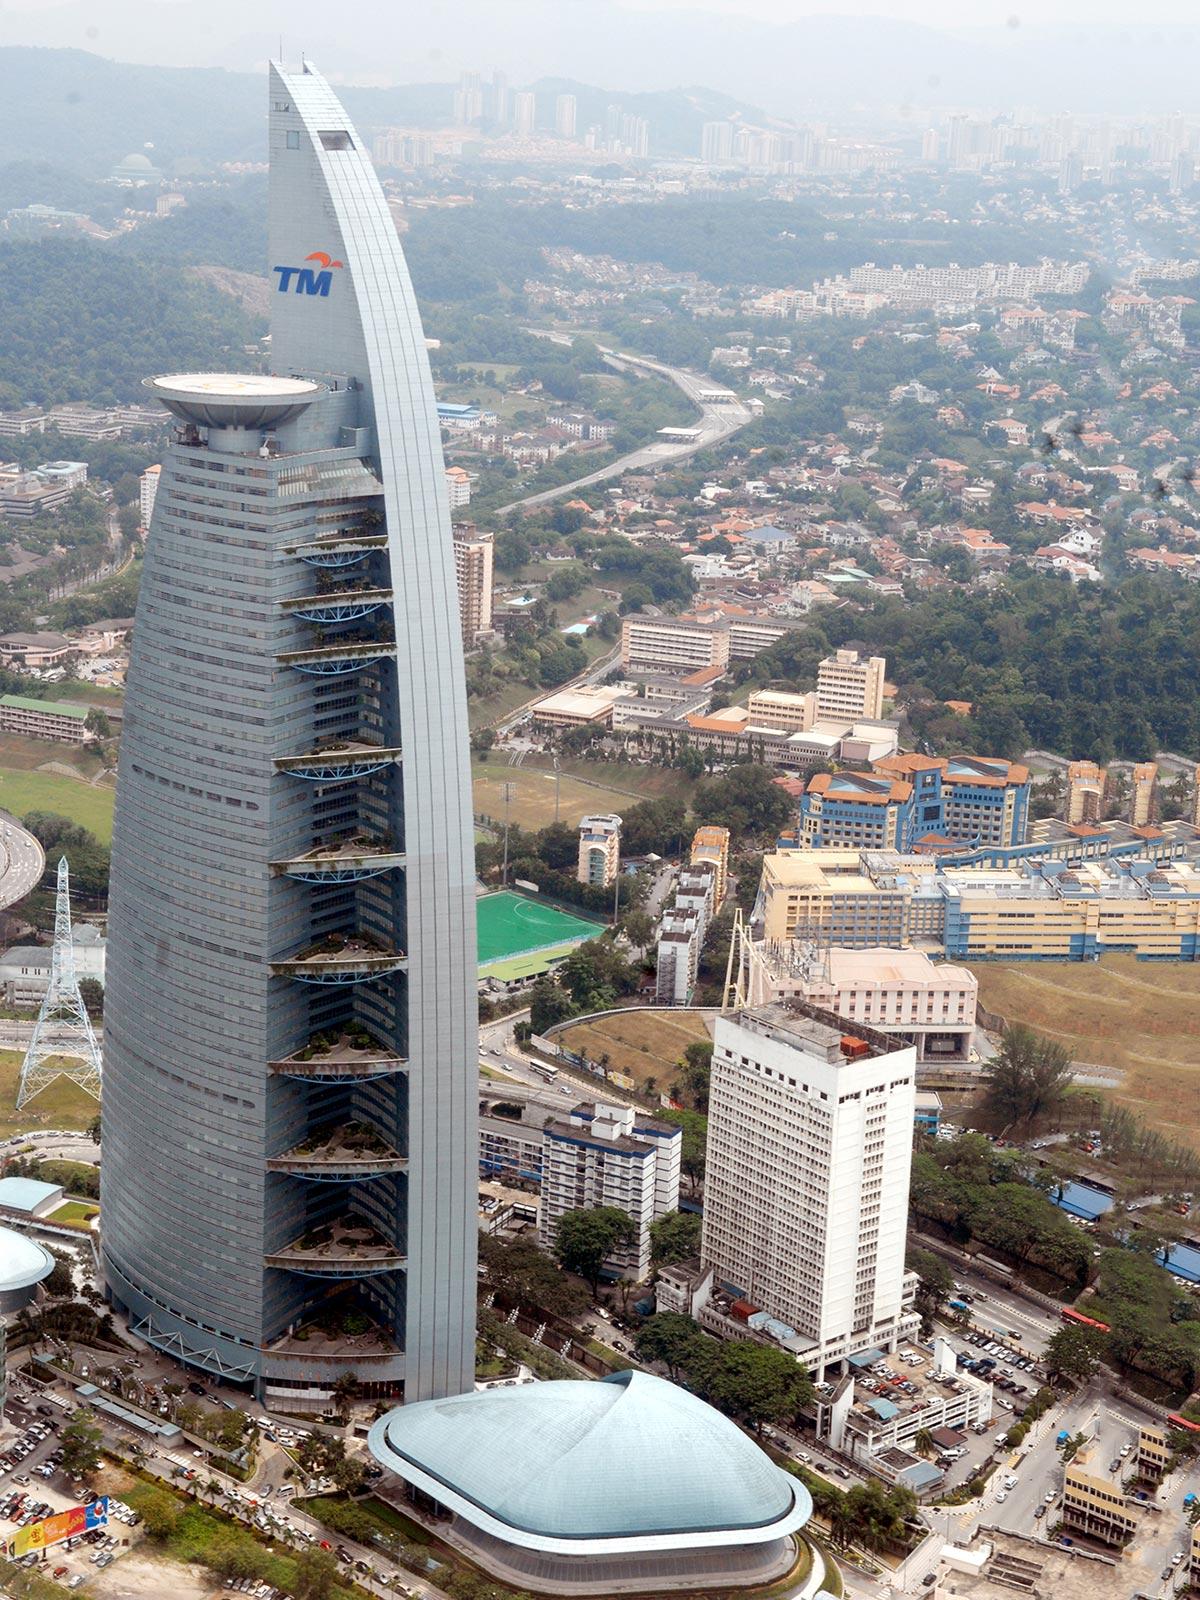 36m circular helipad on the Telekom Malaysia Building – Kuala Lumpur